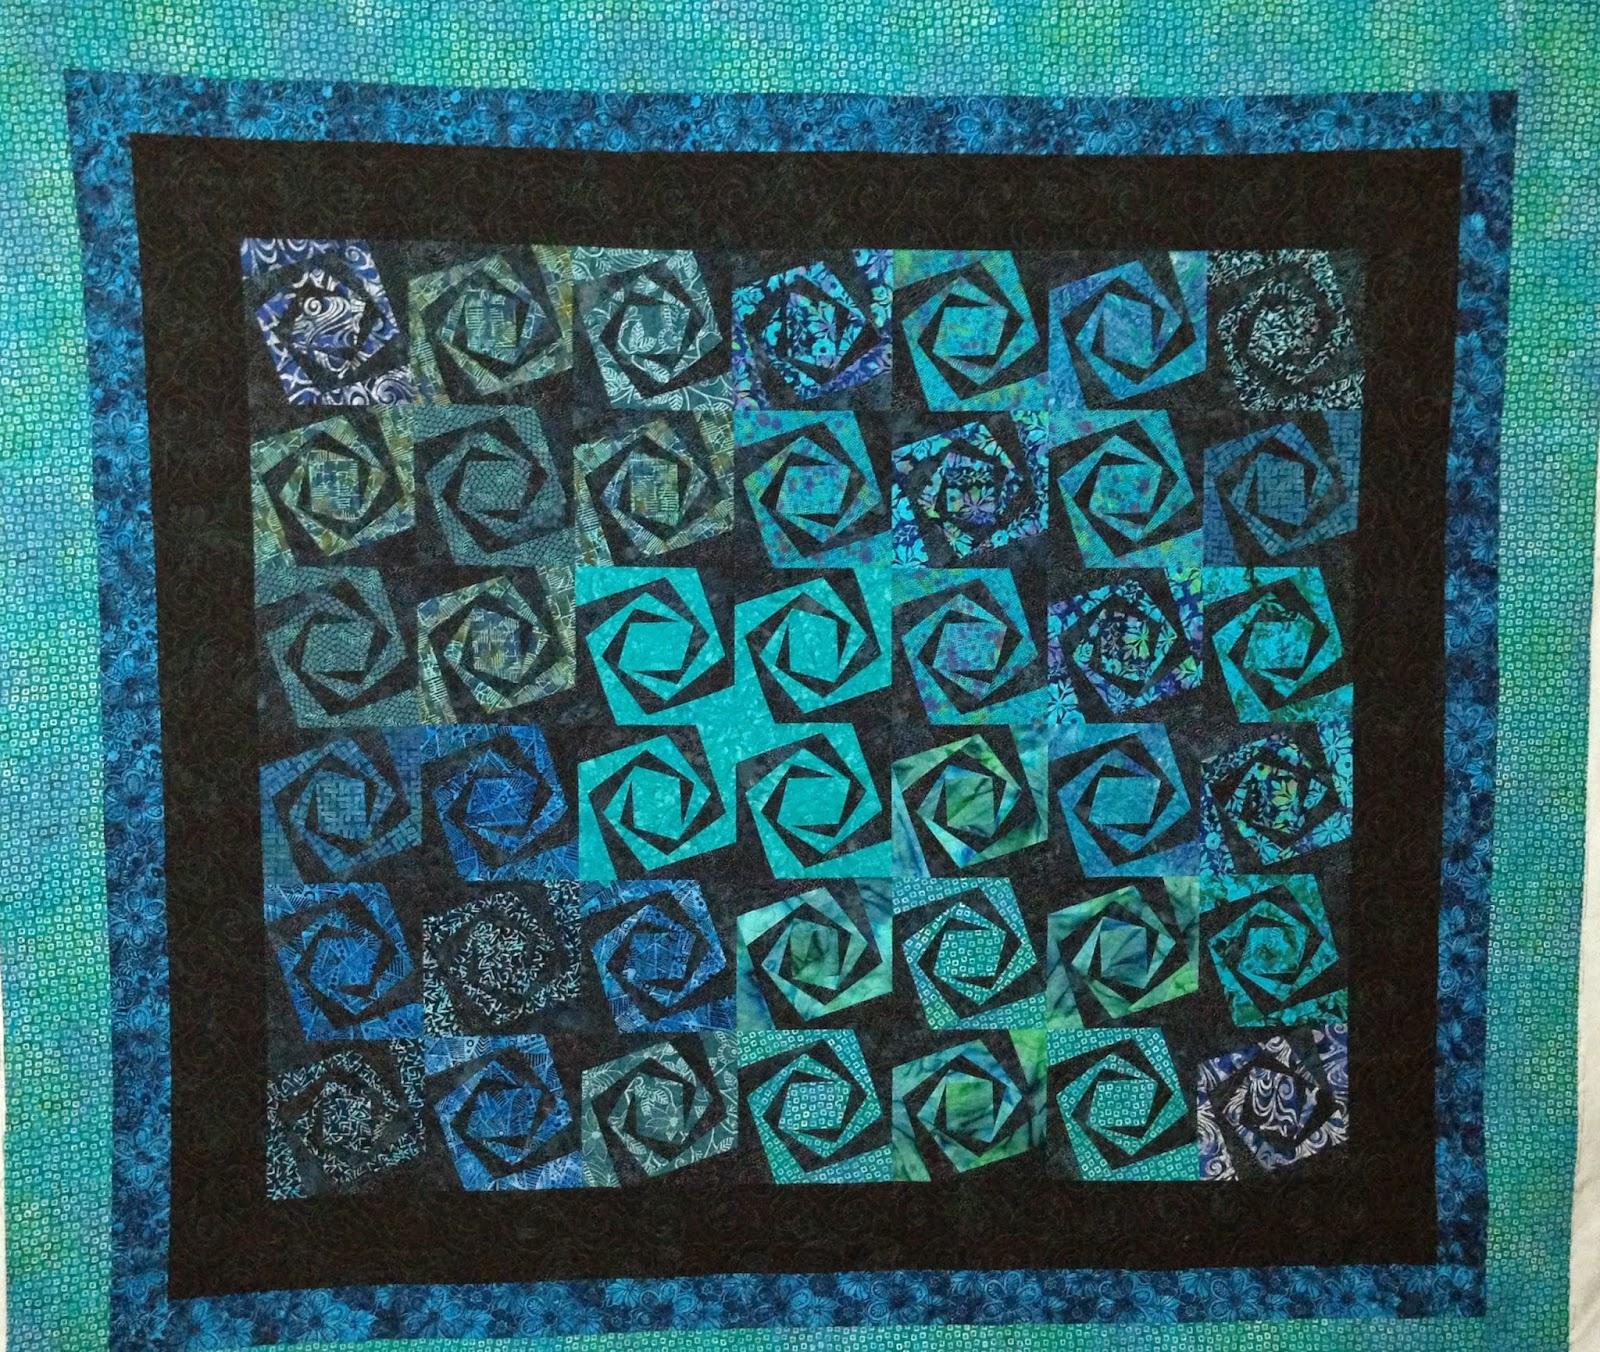 Kimberly Schlosser's Spiragyra Quilt